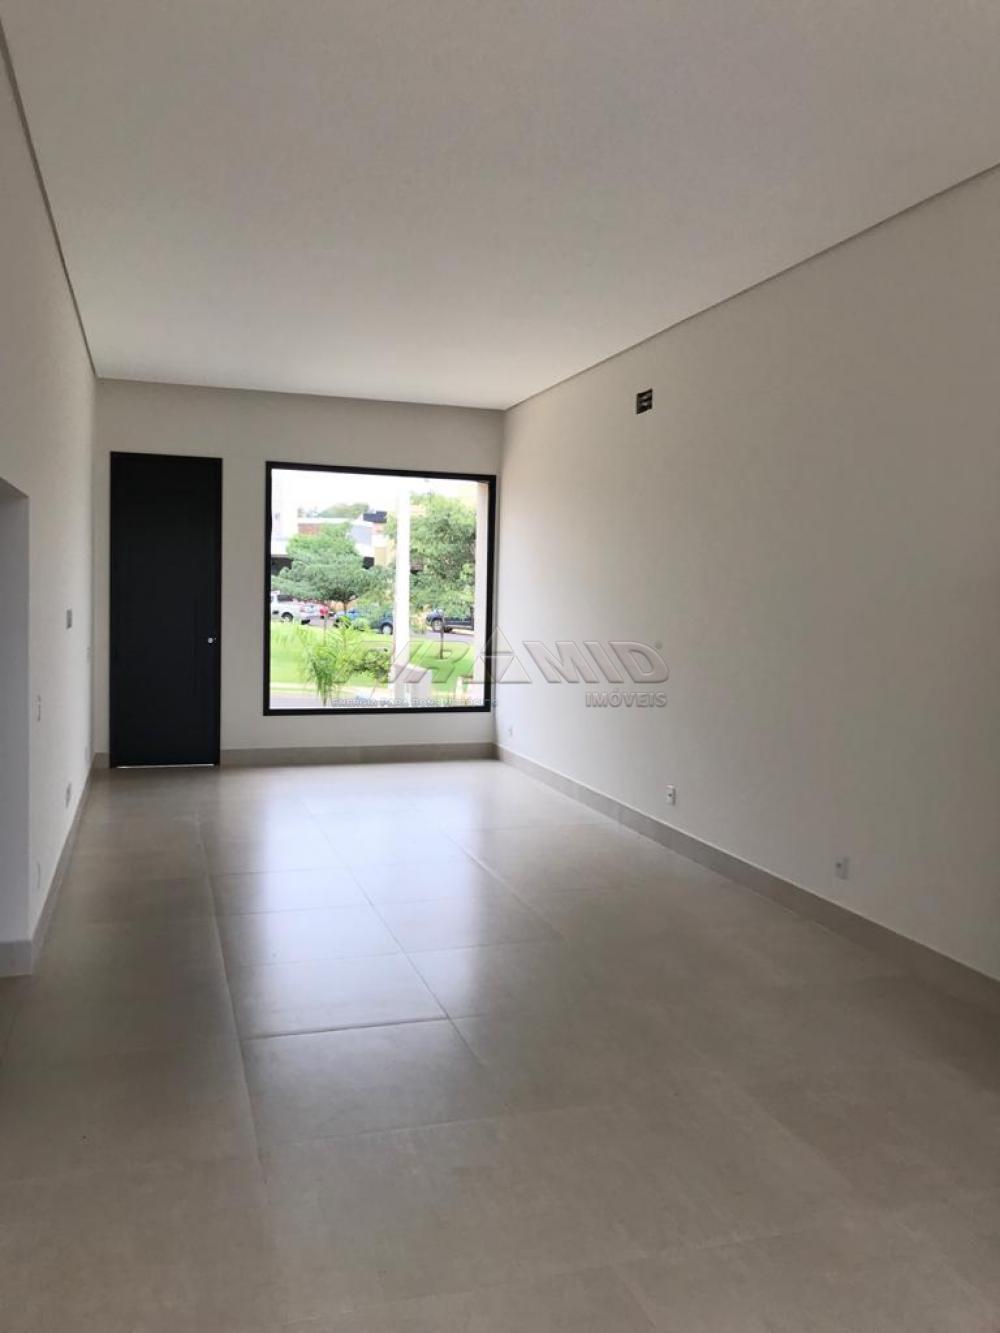 Comprar Casa / Condomínio em Ribeirão Preto apenas R$ 699.000,00 - Foto 5